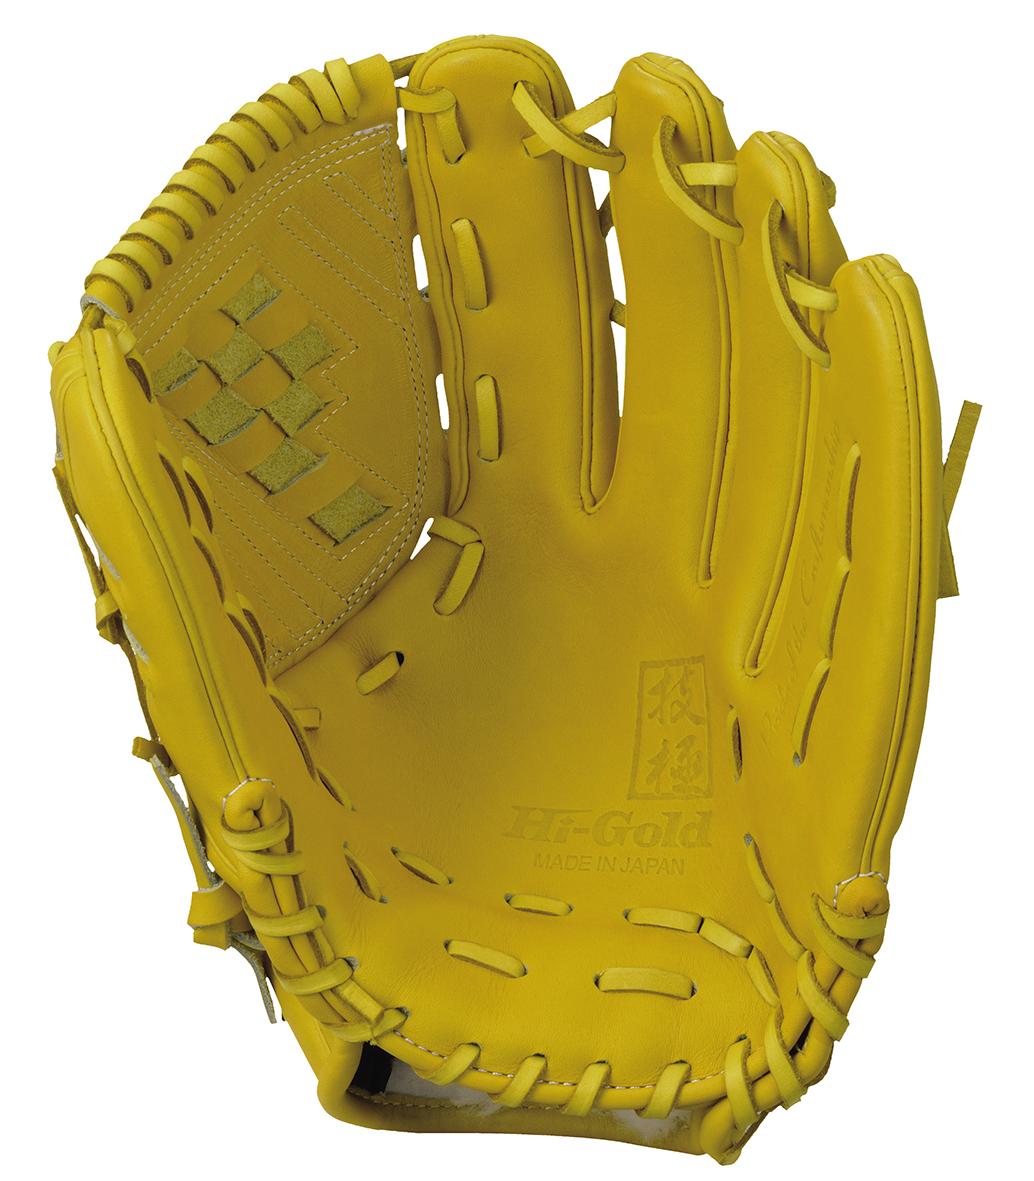 ハイゴールド 硬式野球グラブ 技極シリーズ 投手用グローブ ナチュラルイエロー WKG1071NYW 送料無料 2020年モデル